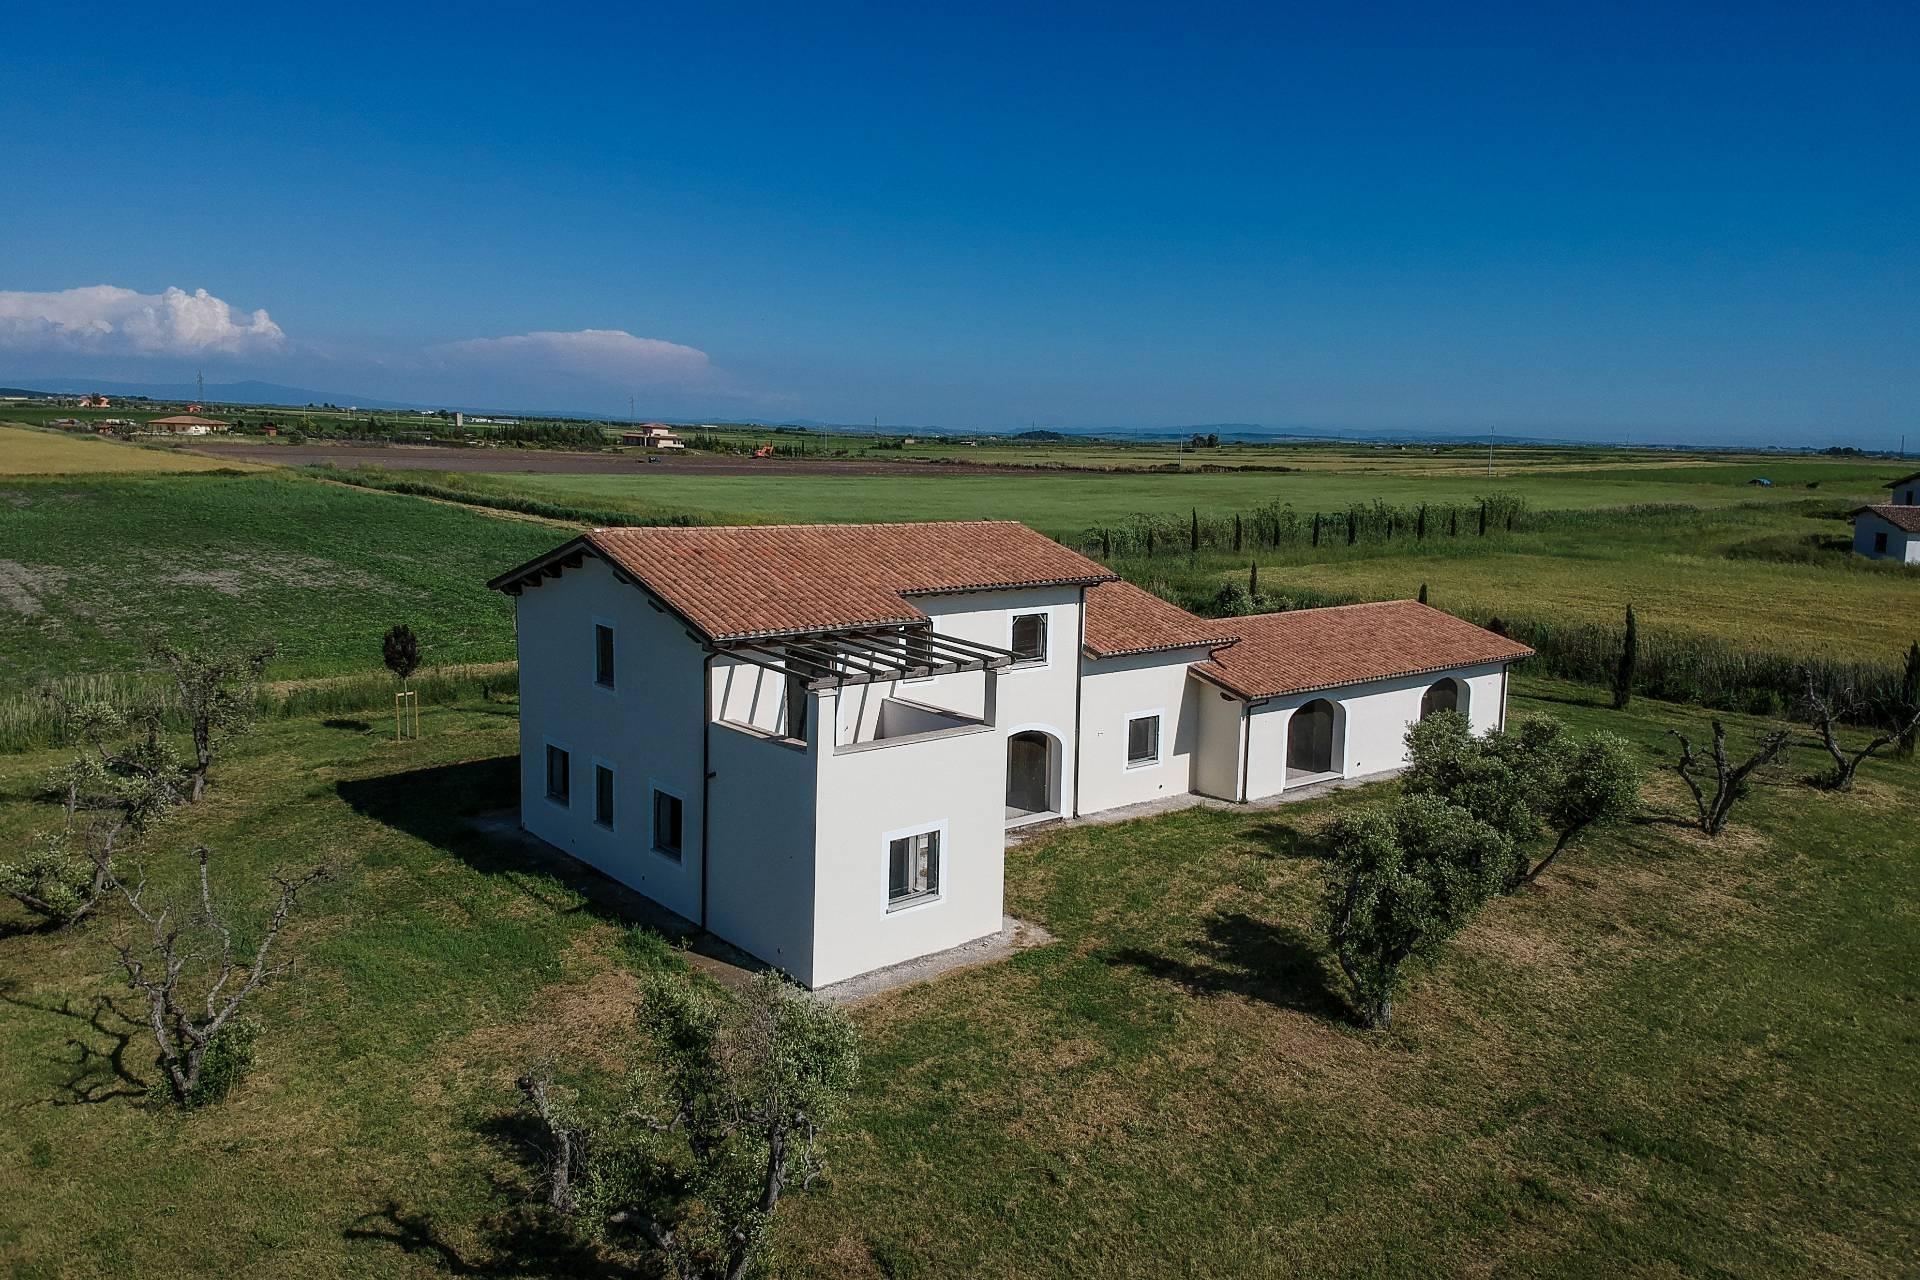 Rustico / Casale in vendita a Canino, 10 locali, zona Località: Vulci, prezzo € 345.000 | CambioCasa.it